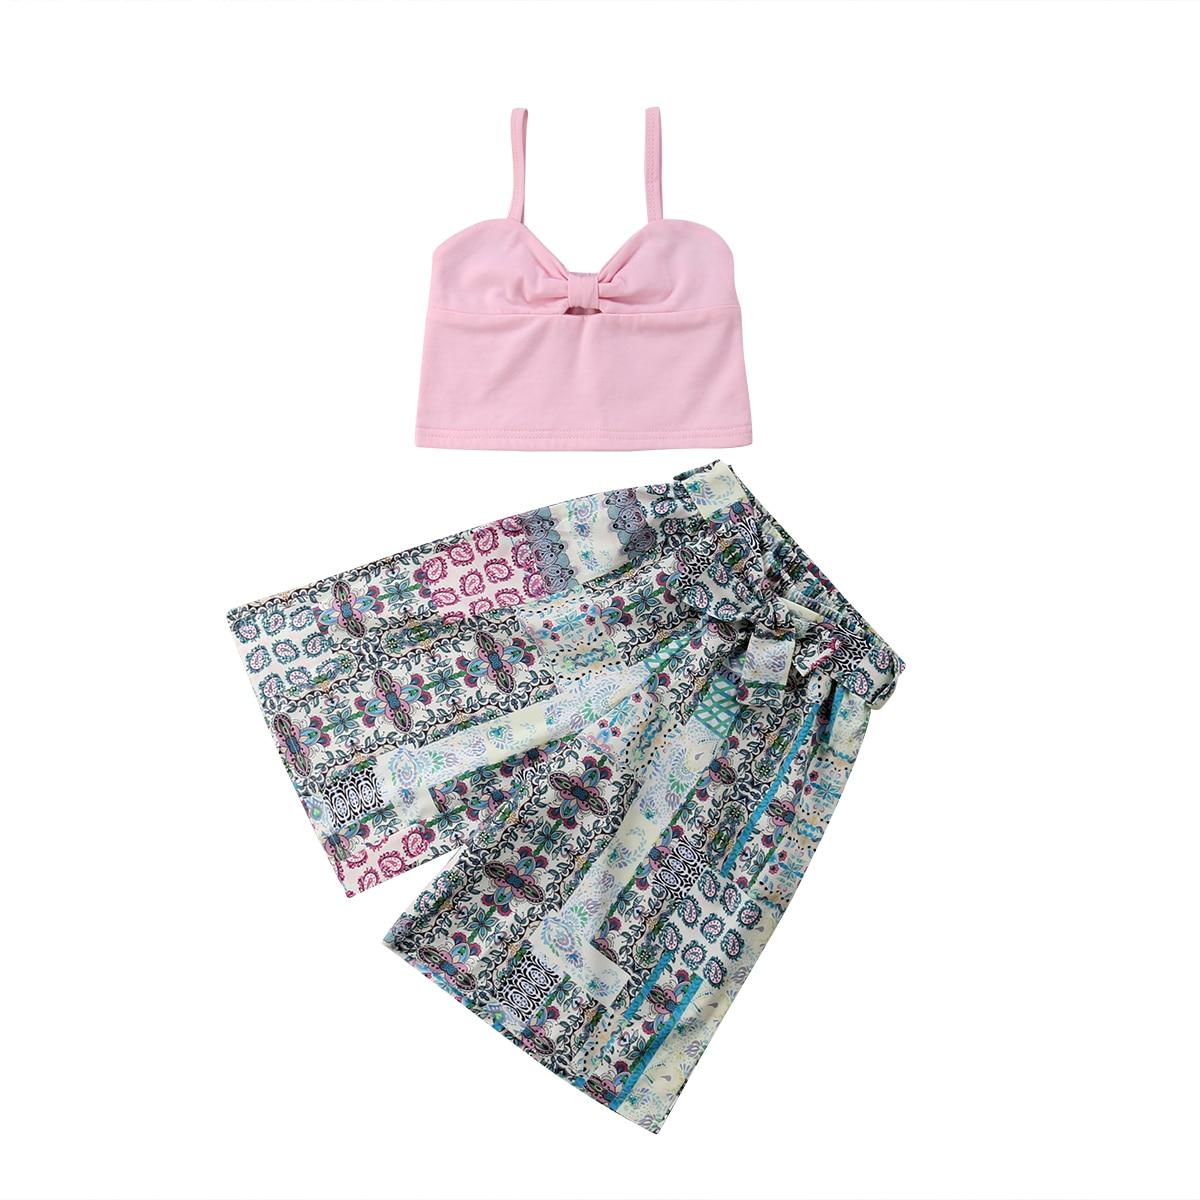 Betrouwbaar 2 Stks Kids Baby Meisje Zomer Hot Stijl Kleding Outfits Mouwloze Vlinderdas Vest + Losse Brede Been Bloemen Broek 1-6 T